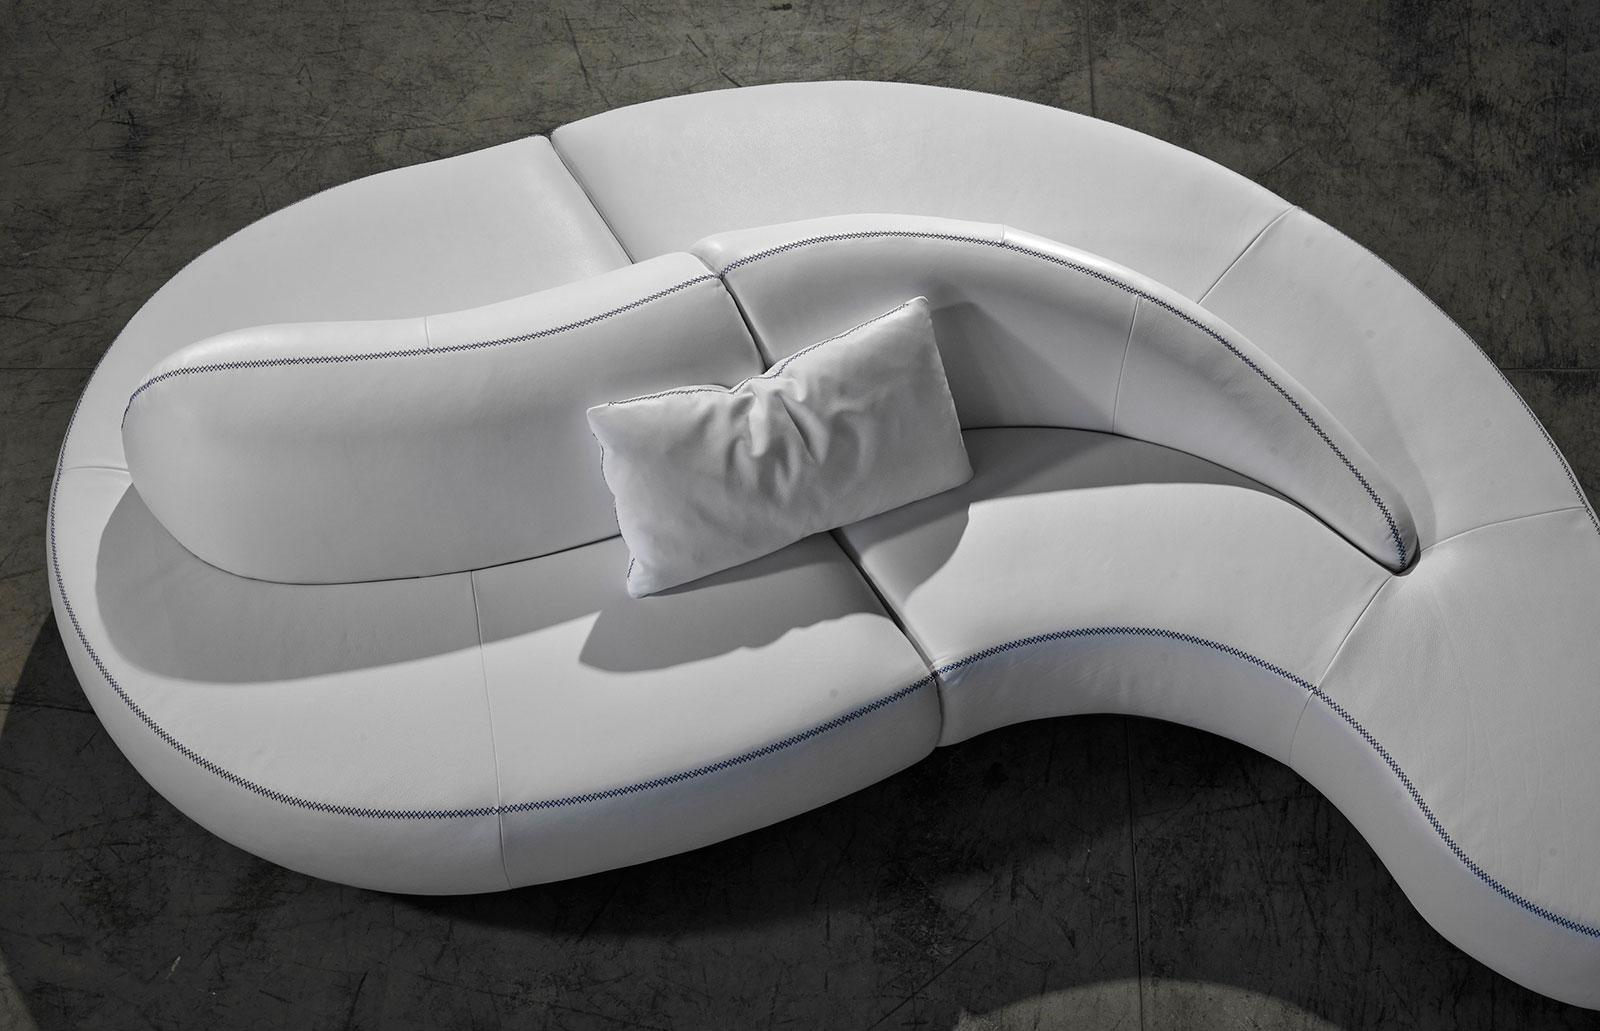 Divano Componibile Curvo : Onda divano curvo in pelle 317 x 182 cm italy dream design